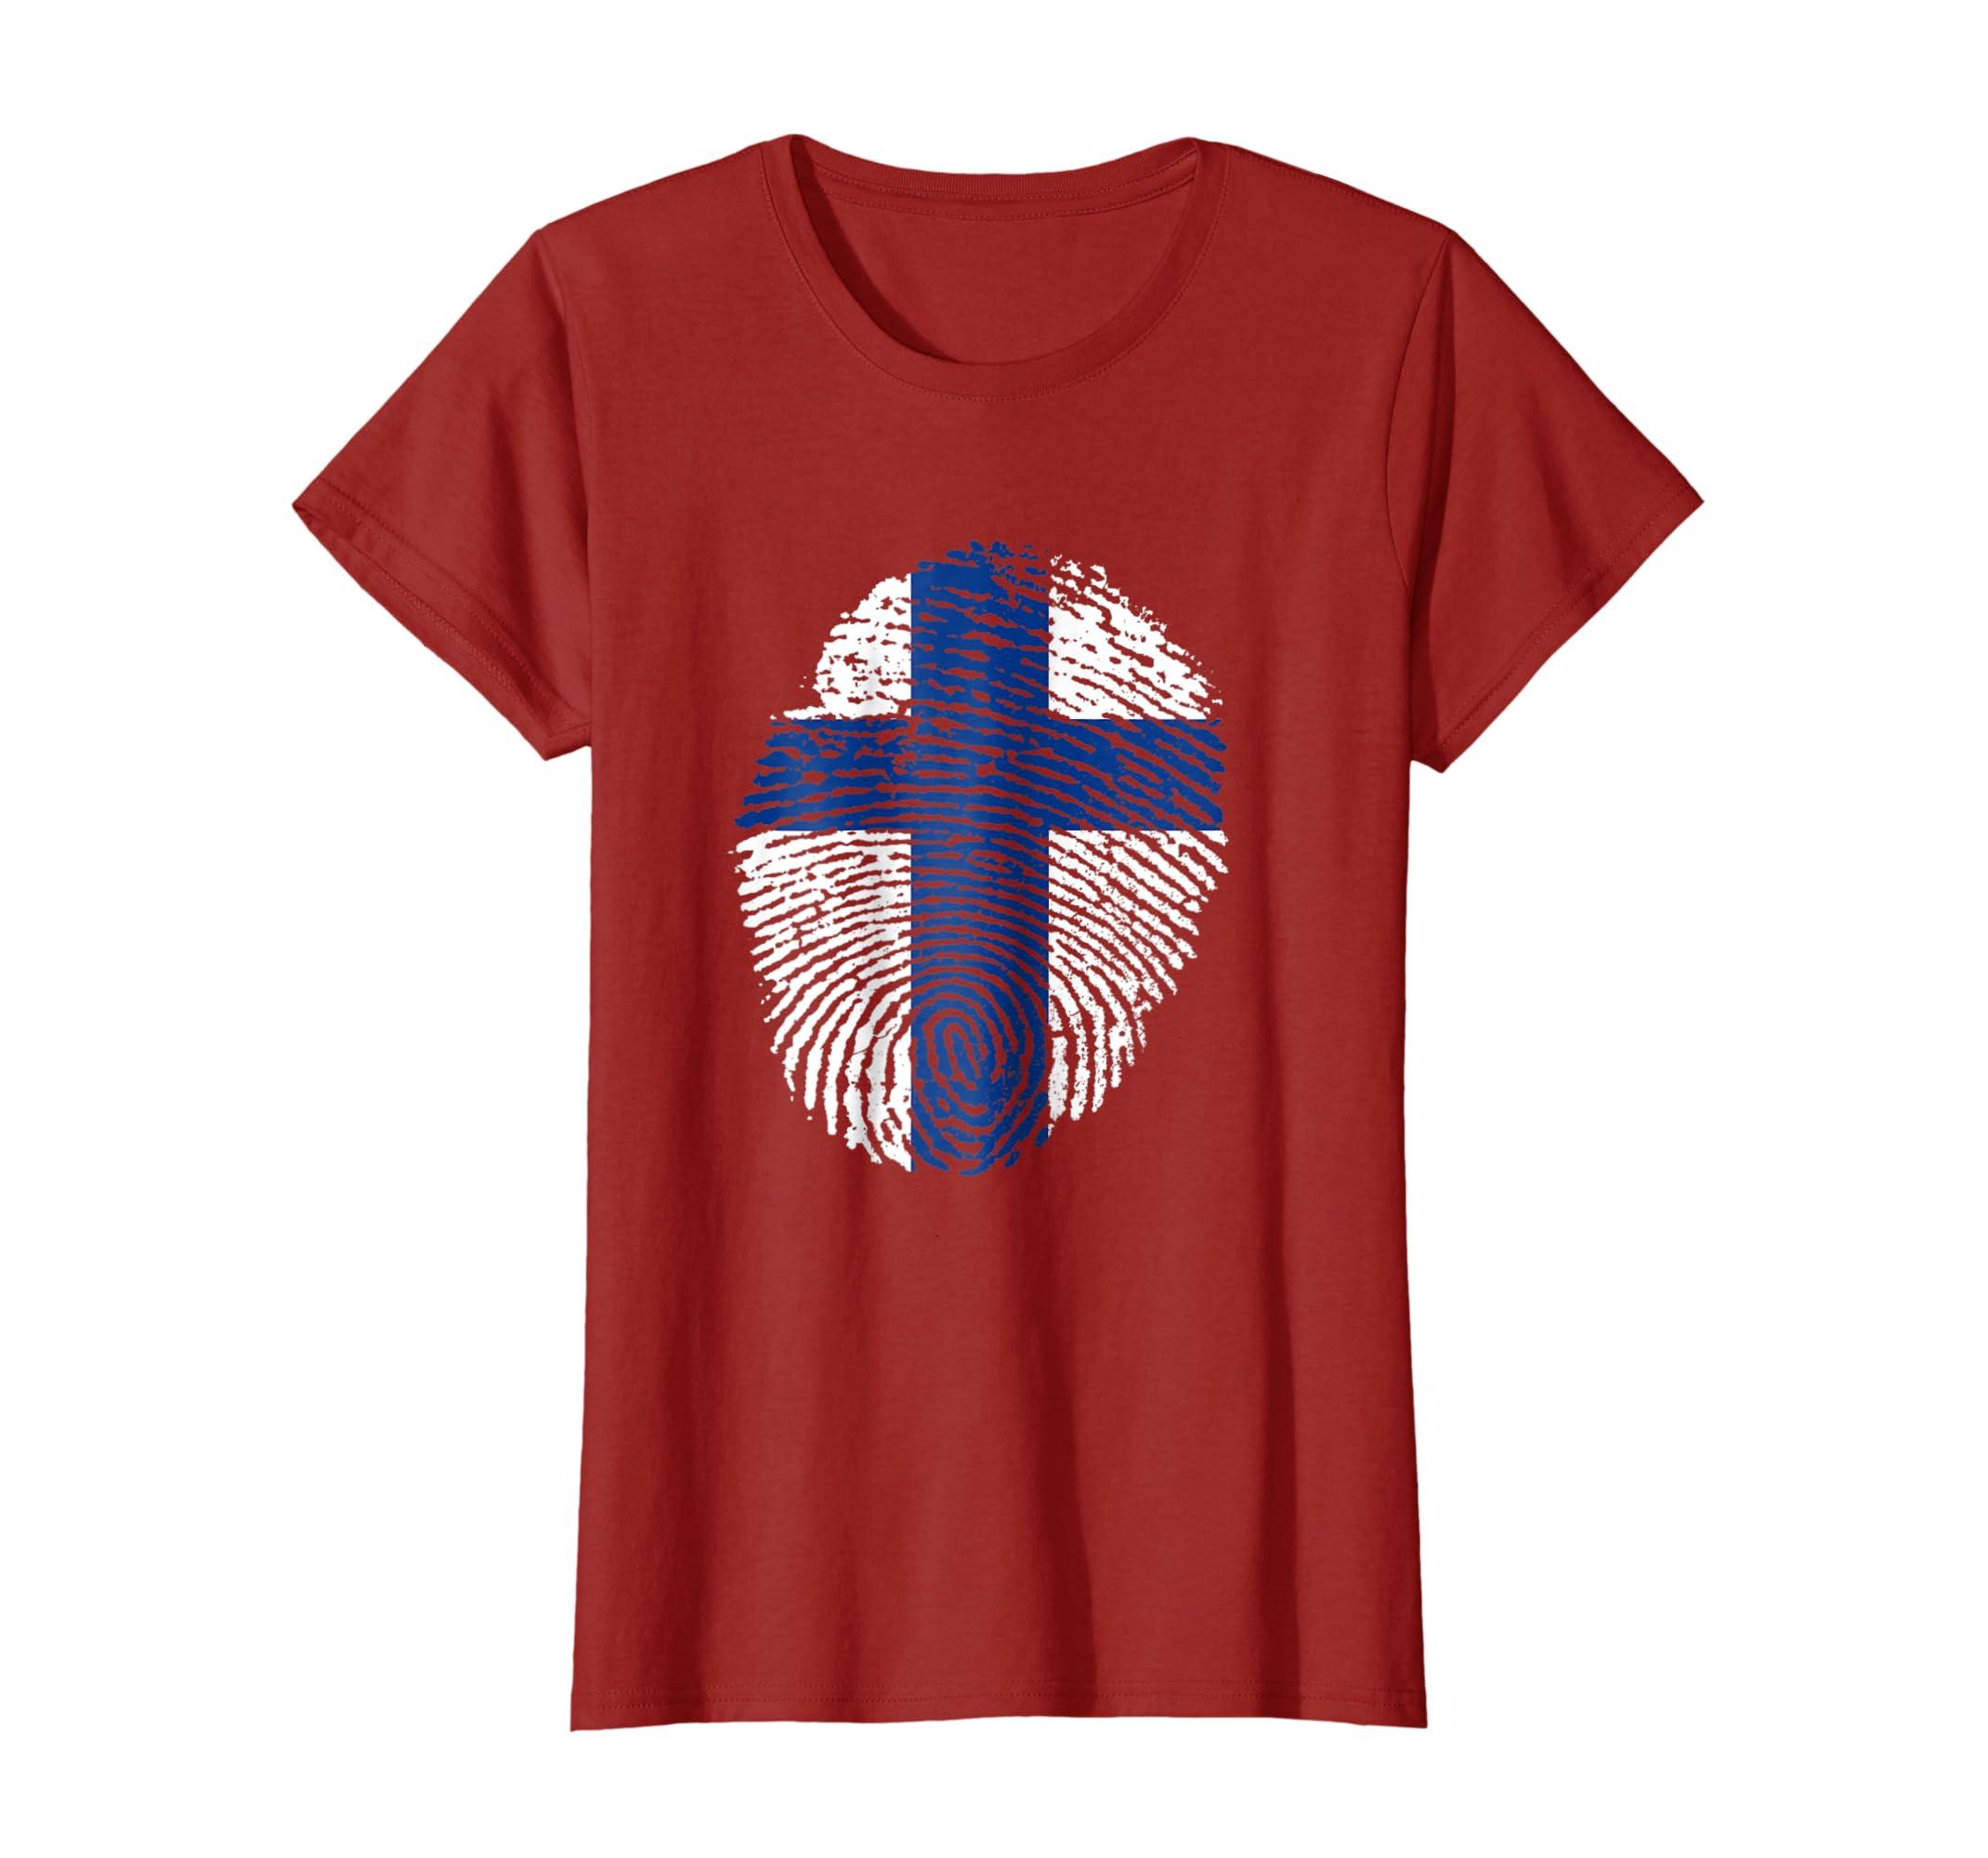 Christian T shirts Hallelujah Fingerprint Cross shirt